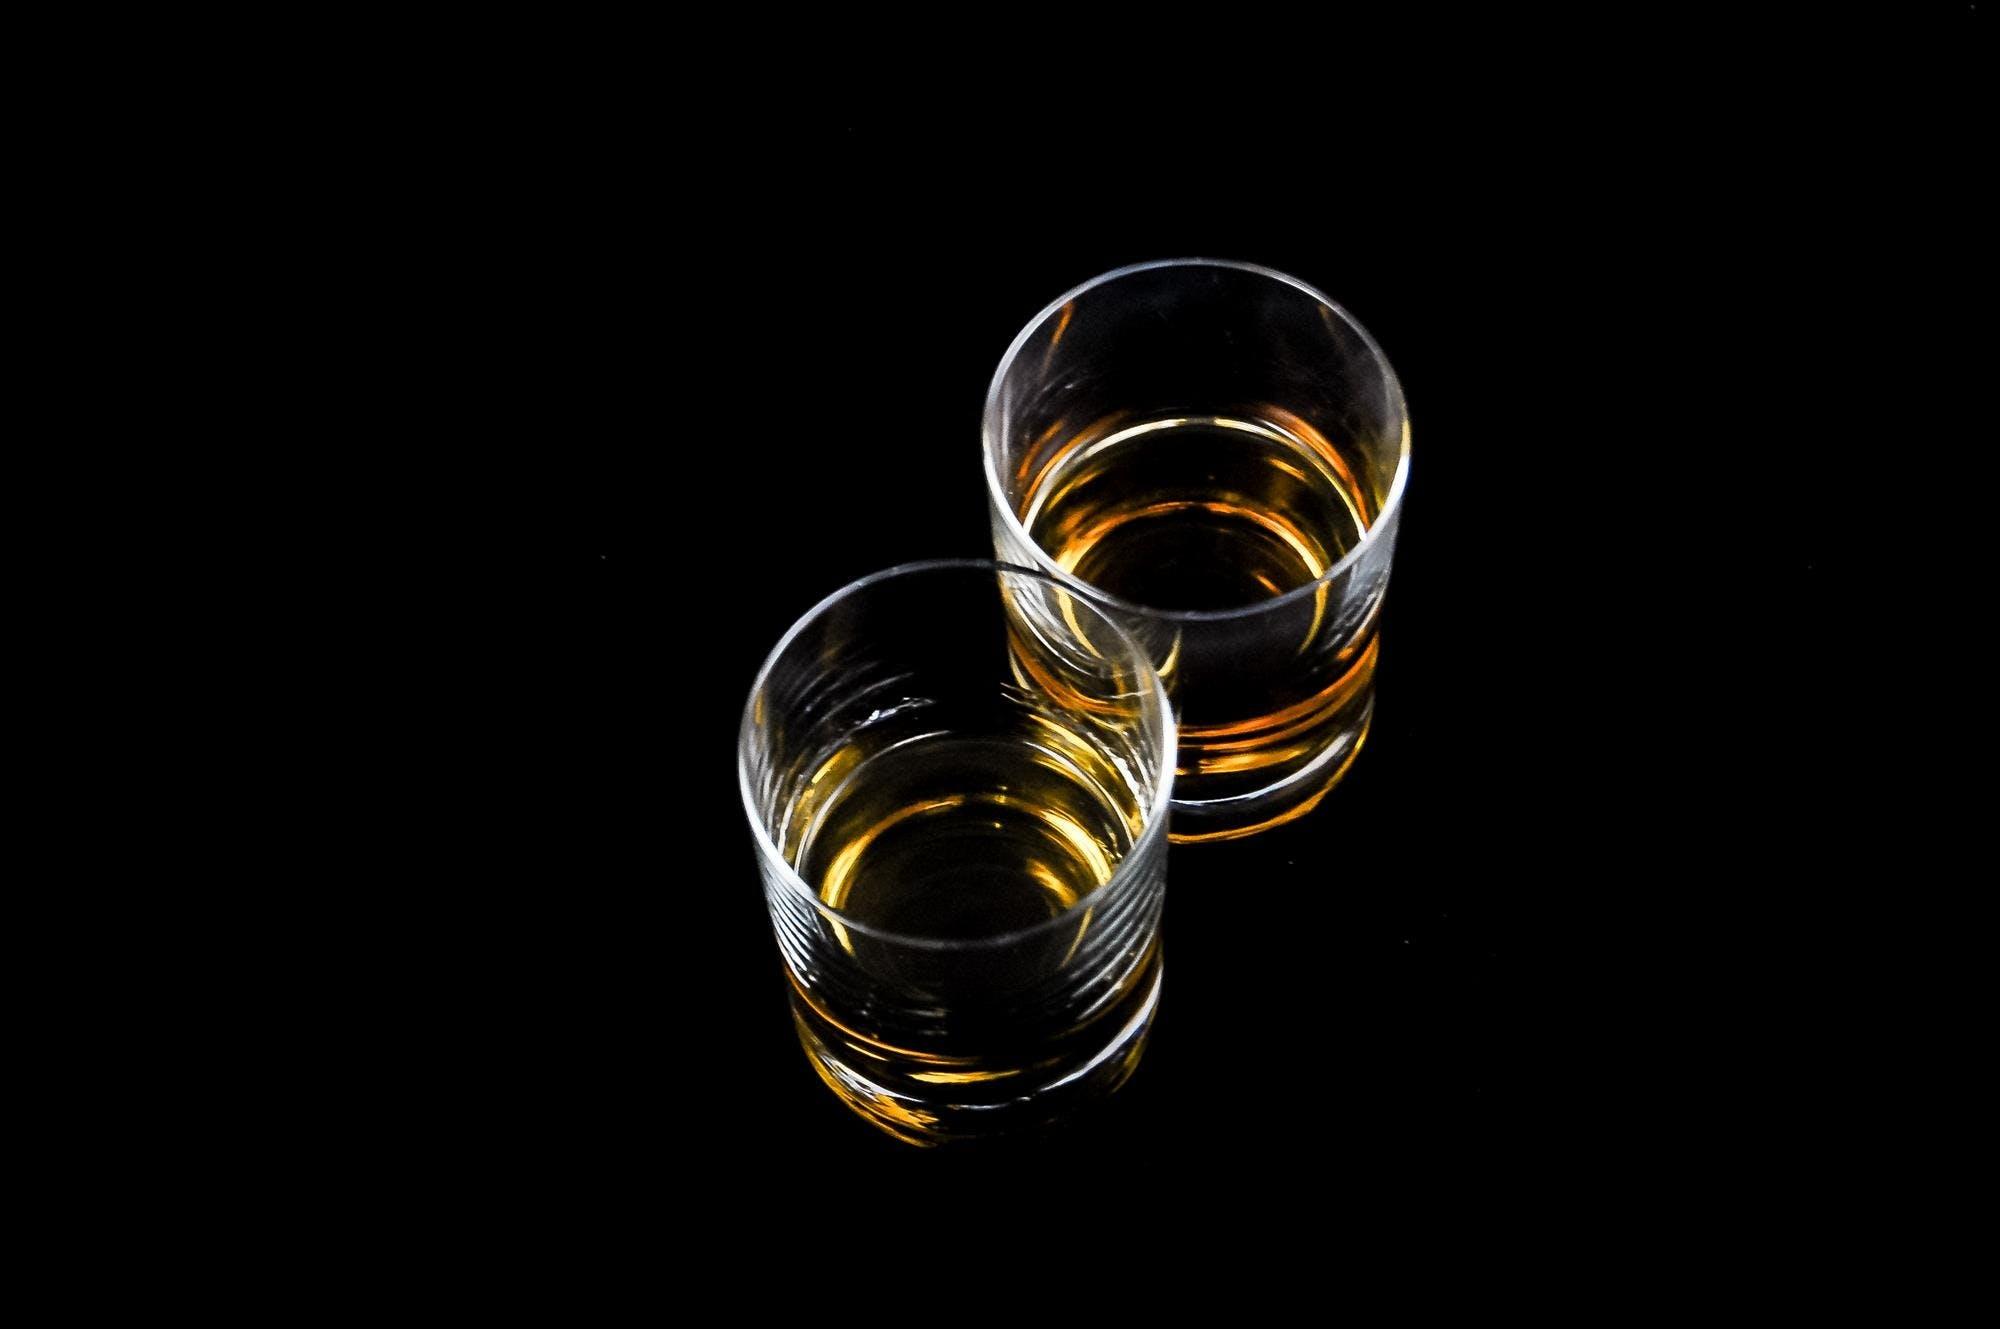 beber, bebida, bebidas alcohólicas